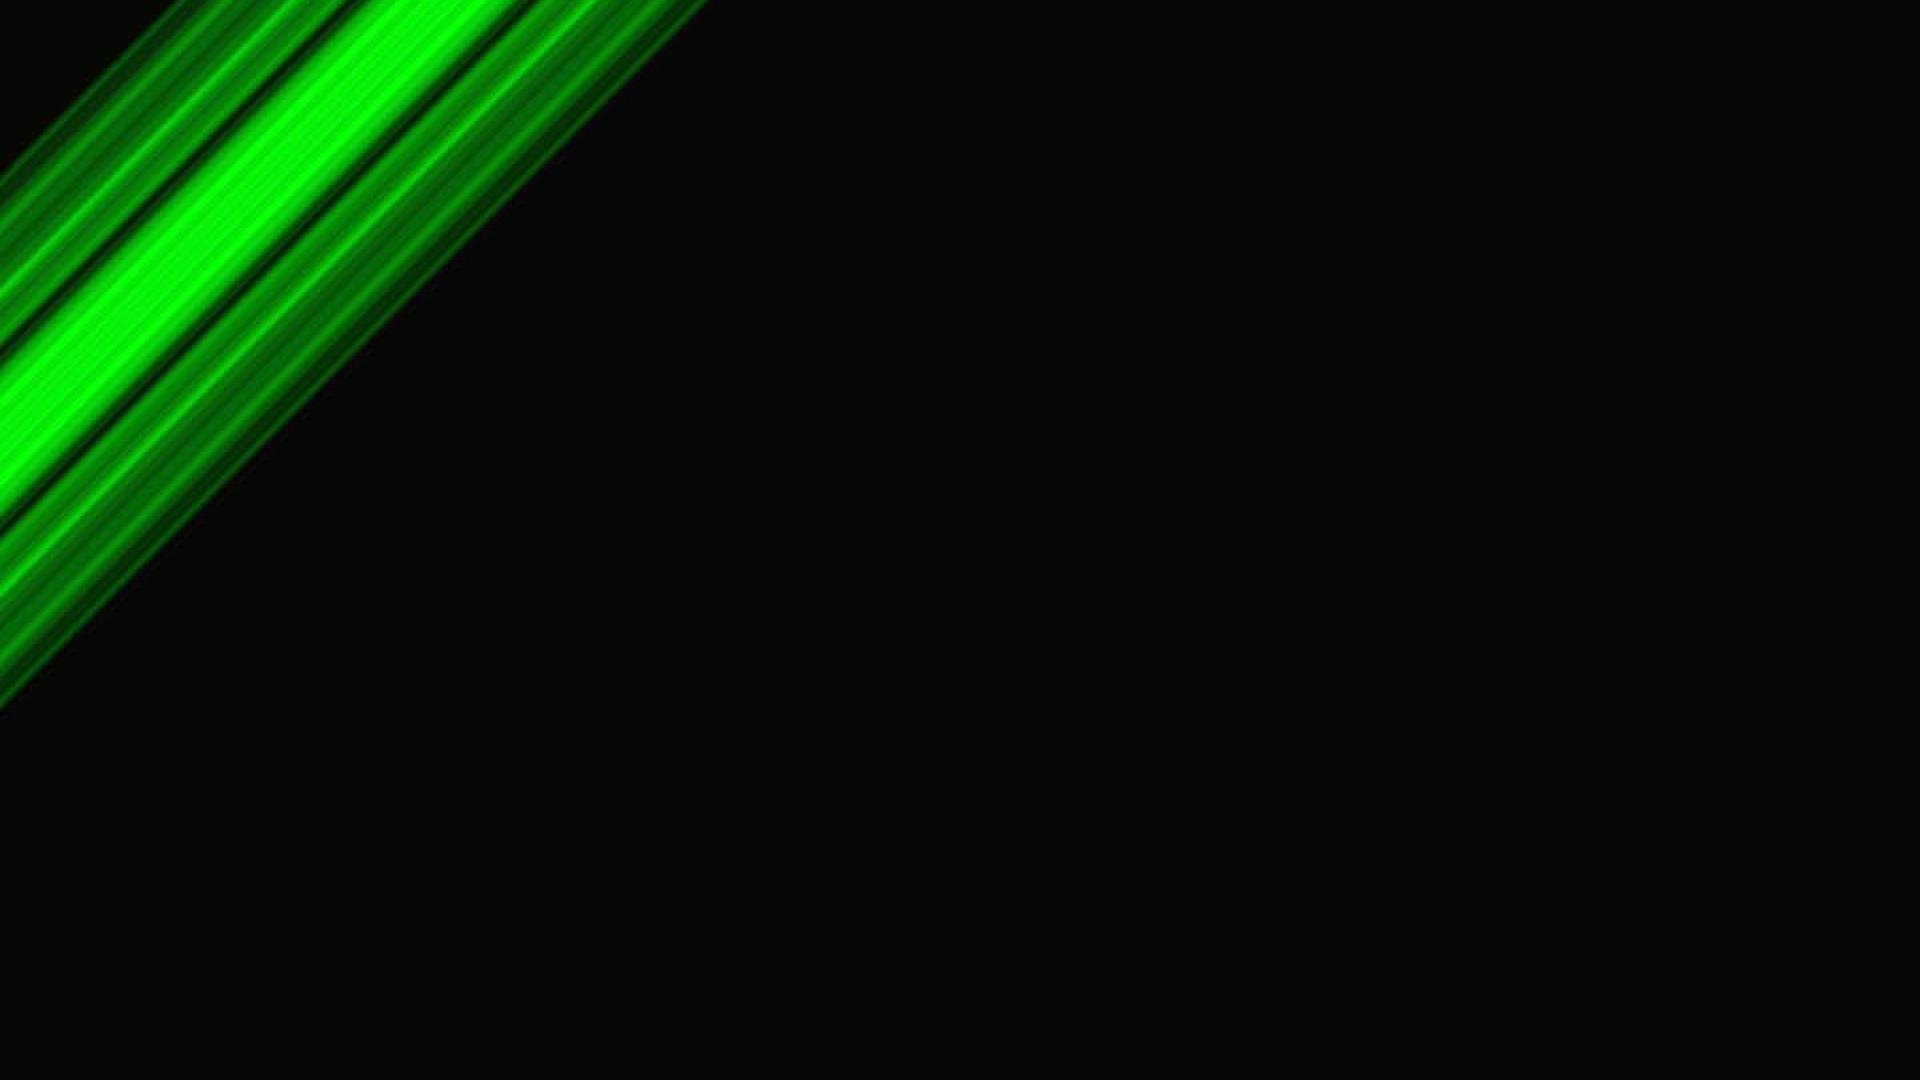 green and black abstract wallpaper wallpapersafari